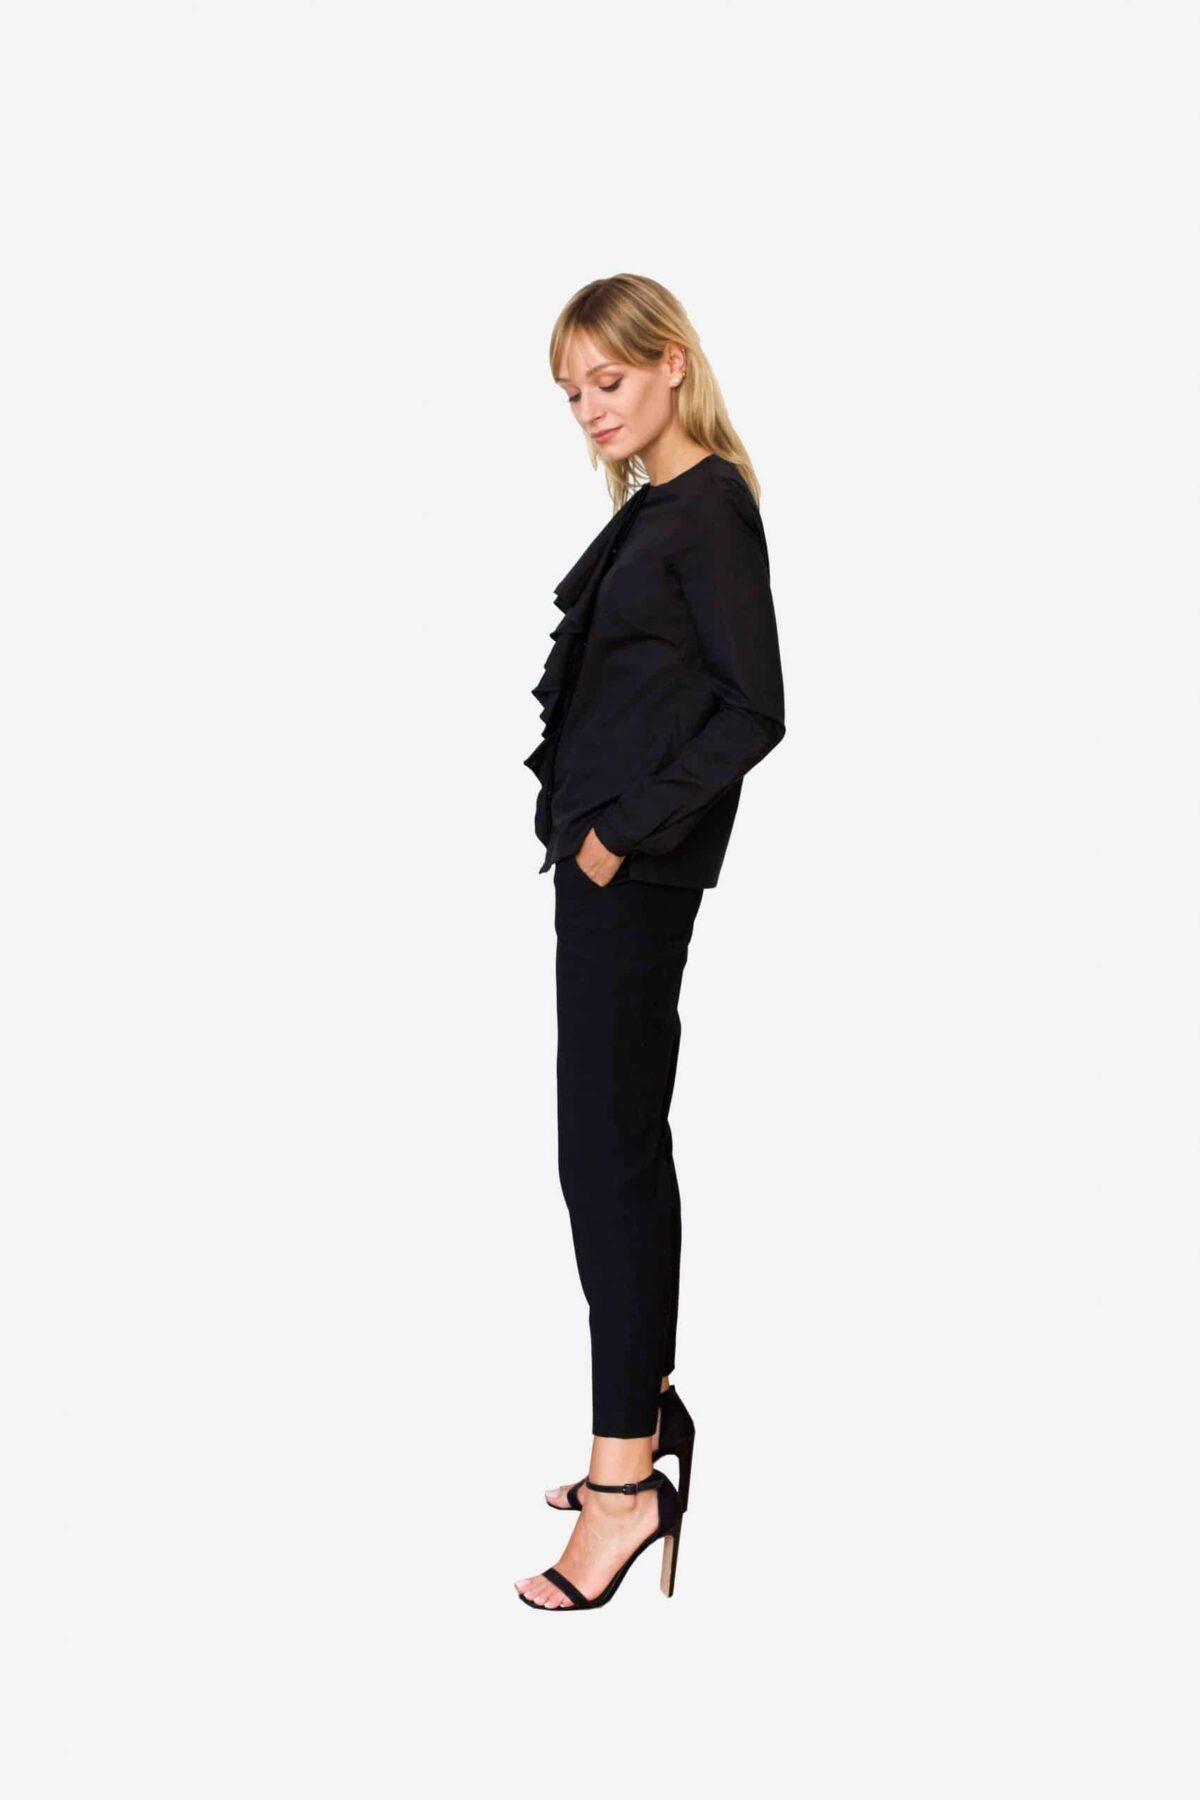 Bluse Abigail von SANOGE. Schwarze Business Bluse mit Volant Ausschnitt. Jabot kragen. Elegant. Nachhaltig. Hergestellt in Deutschland.